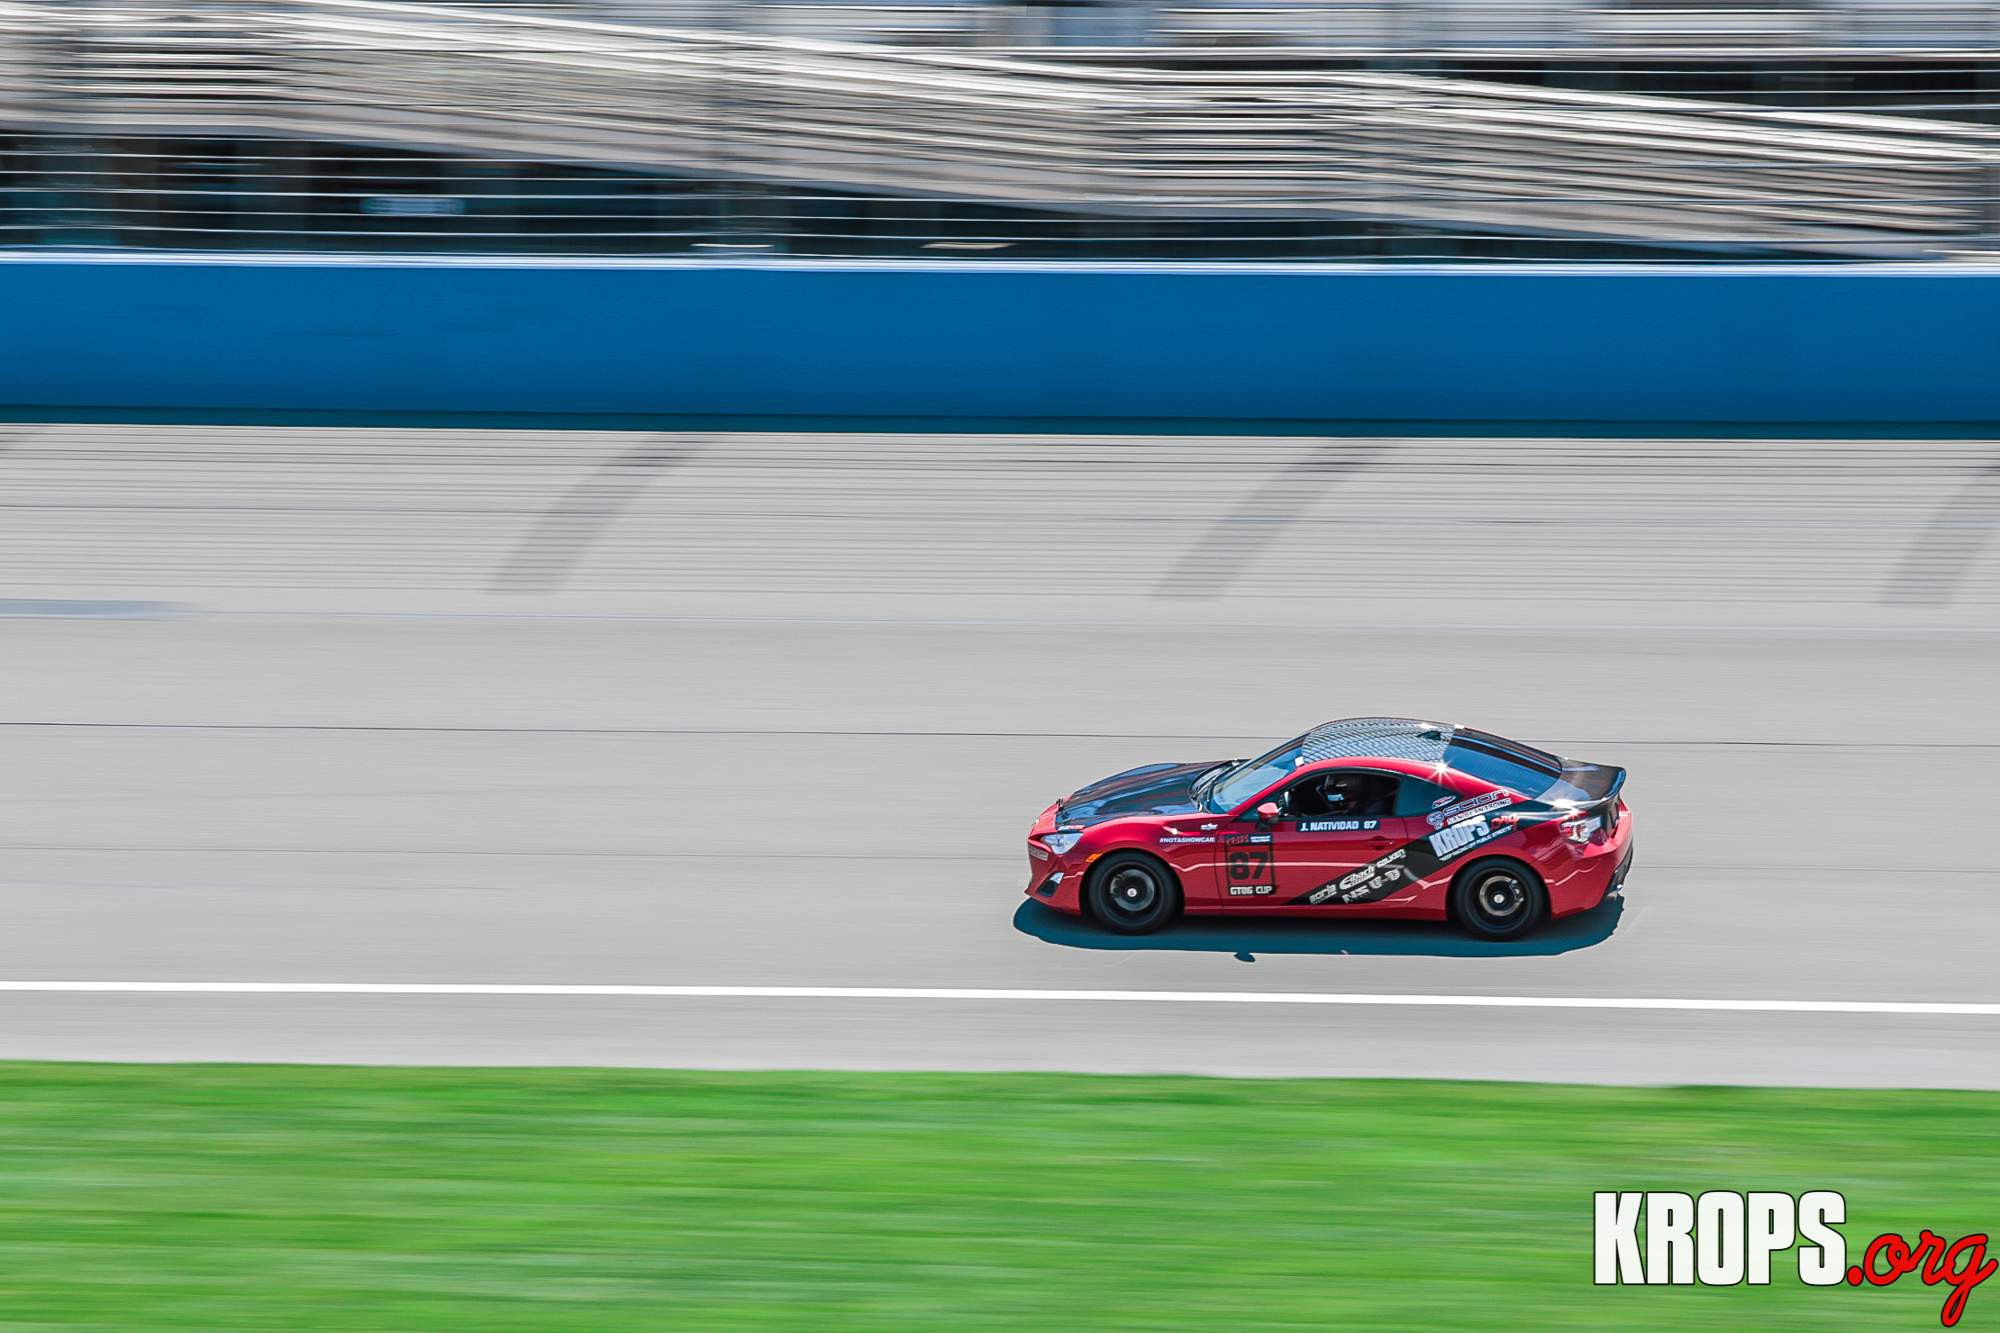 K.R.O.P.S. x Seibon FRS Takes 1st place at Auto Club Speedway